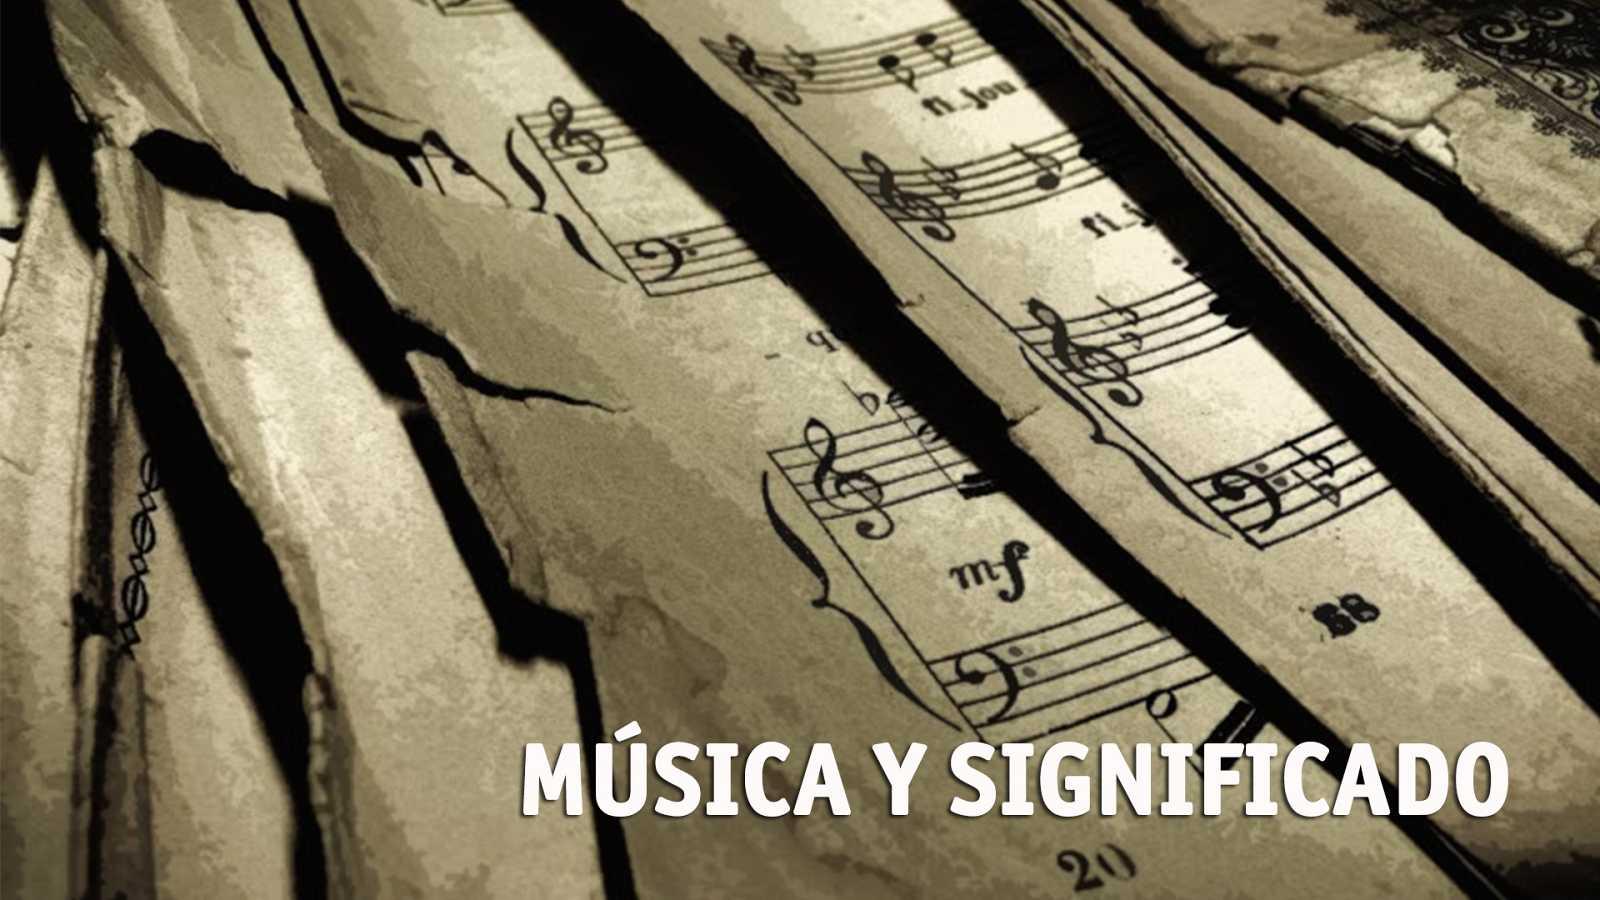 Música y significado - El Señor de los Anillos - 16/06/17 - escuchar ahora